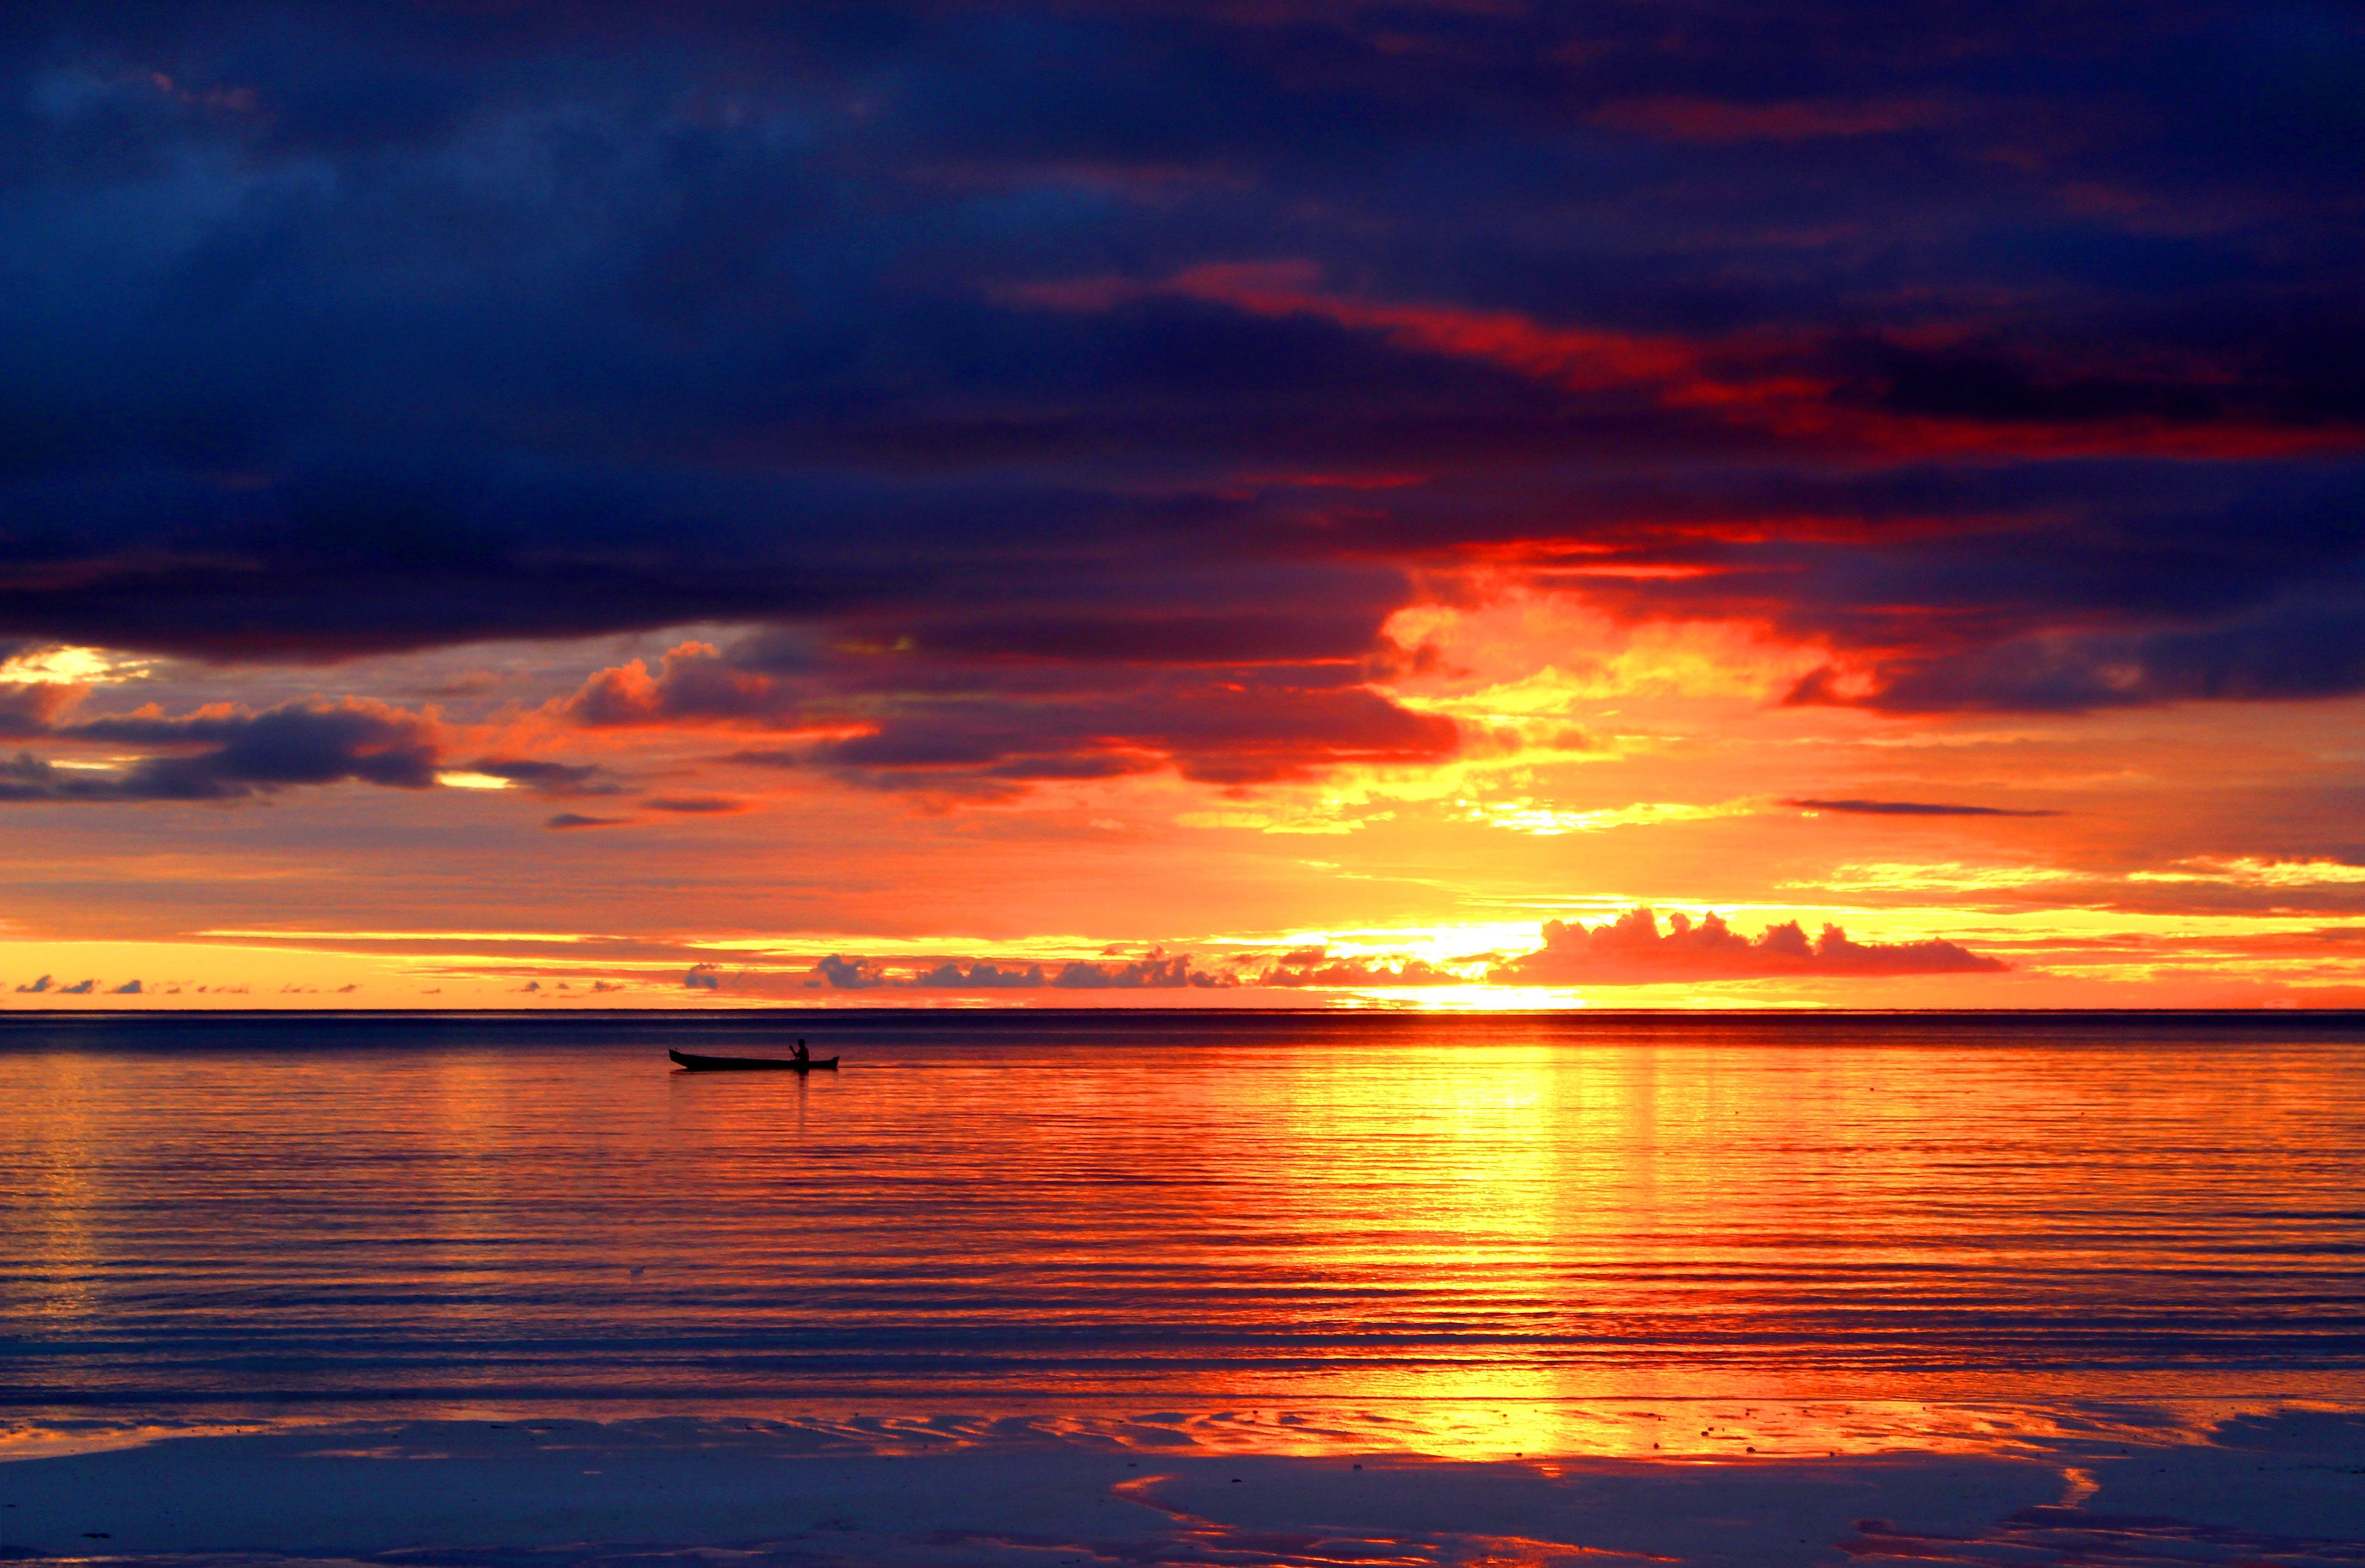 Δωρεάν στοκ φωτογραφιών με ακτίνα ήλιου, αντανάκλαση, απόγευμα, αυγή